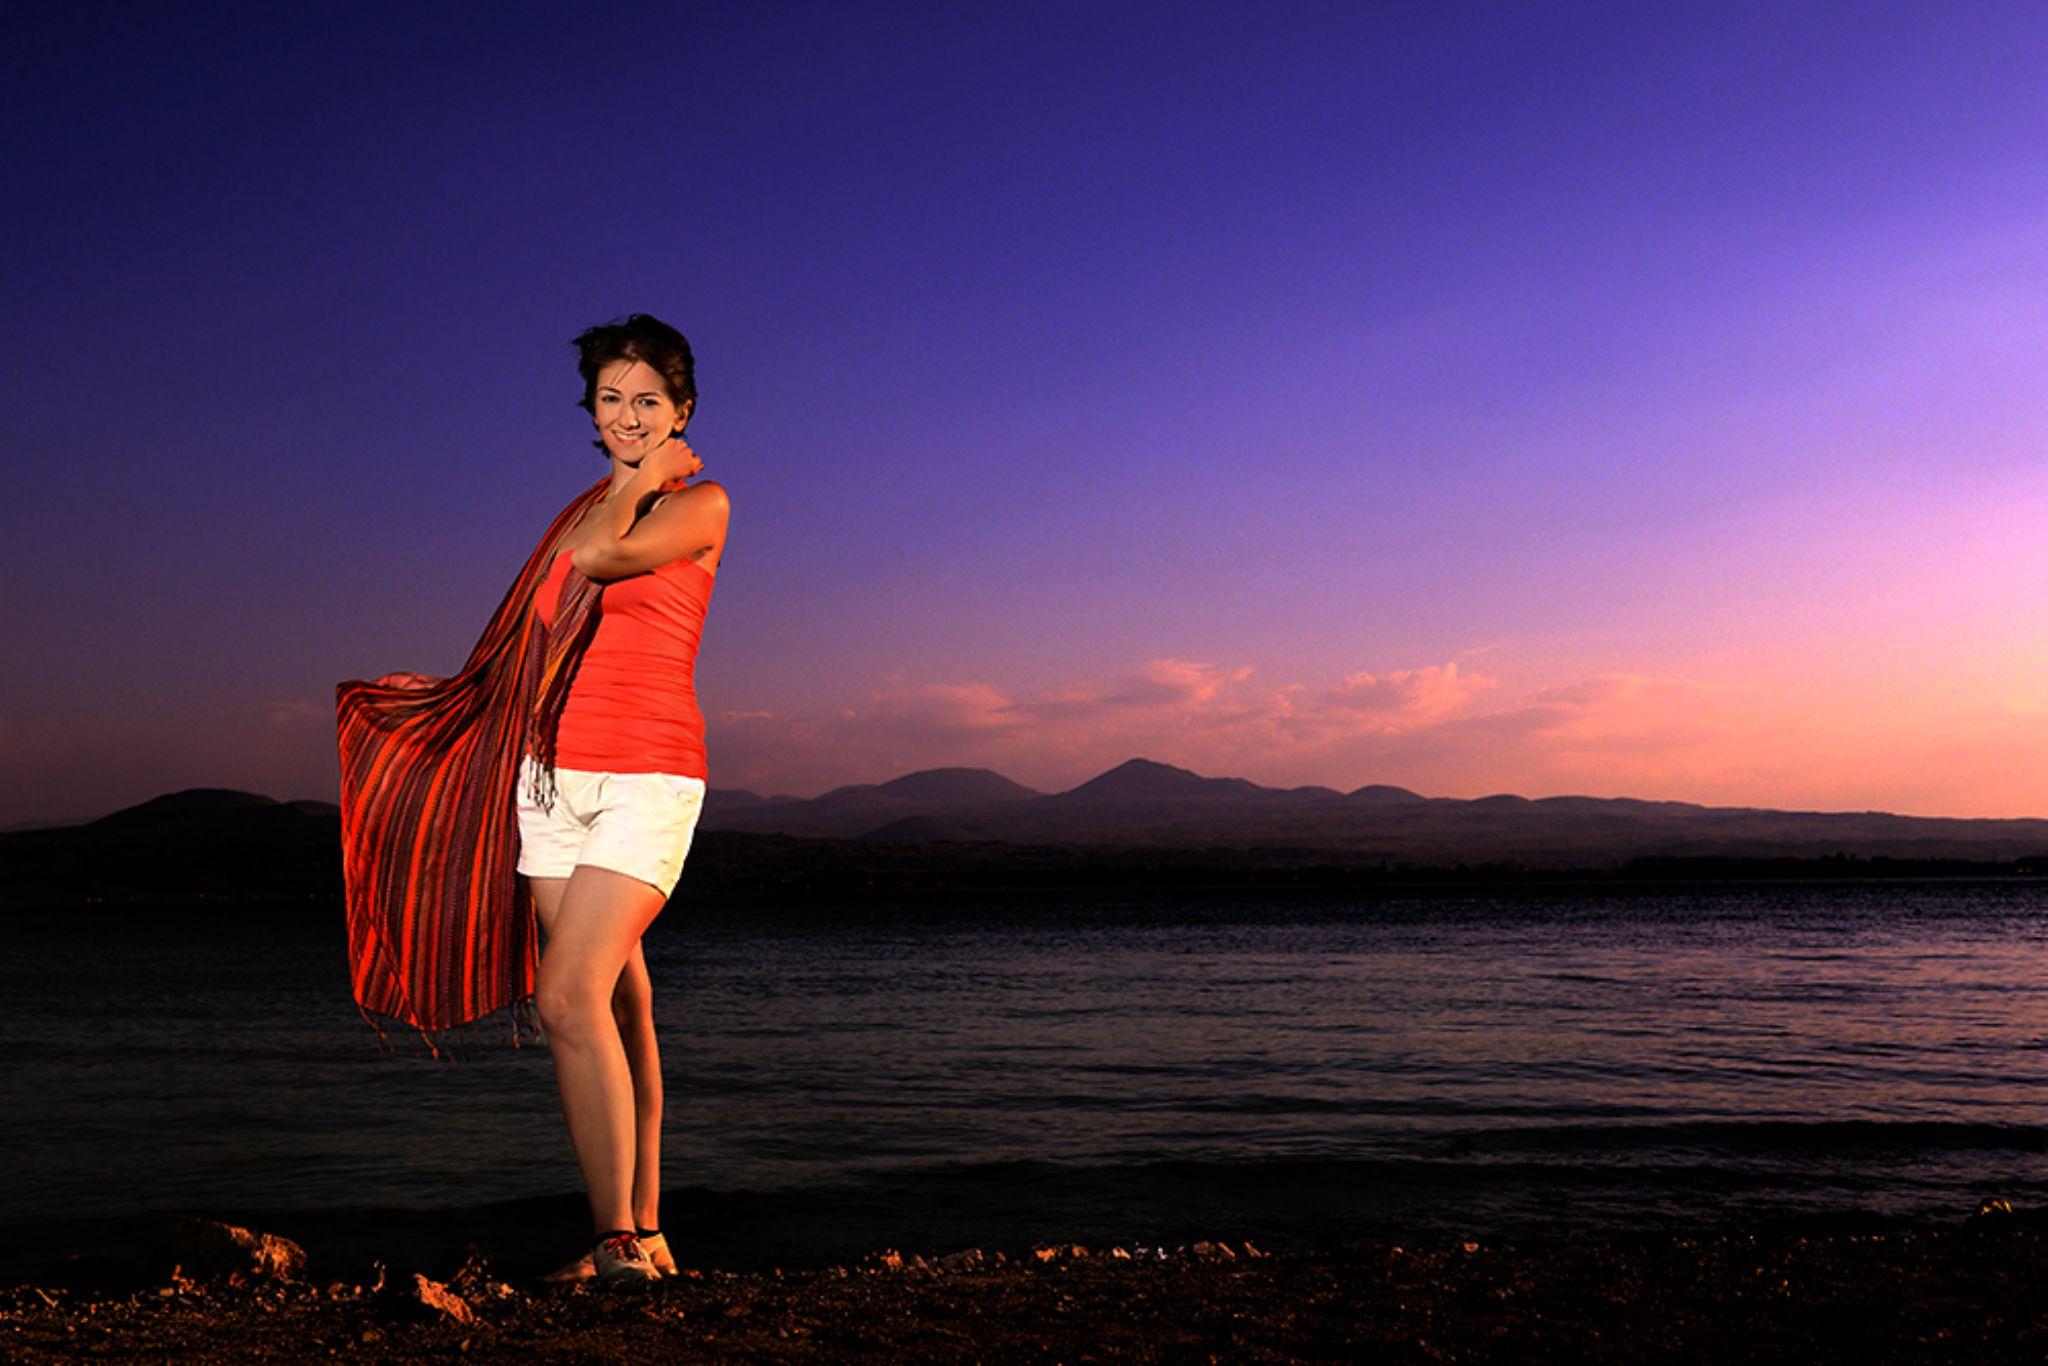 Sunset at Lake by Varand Darian